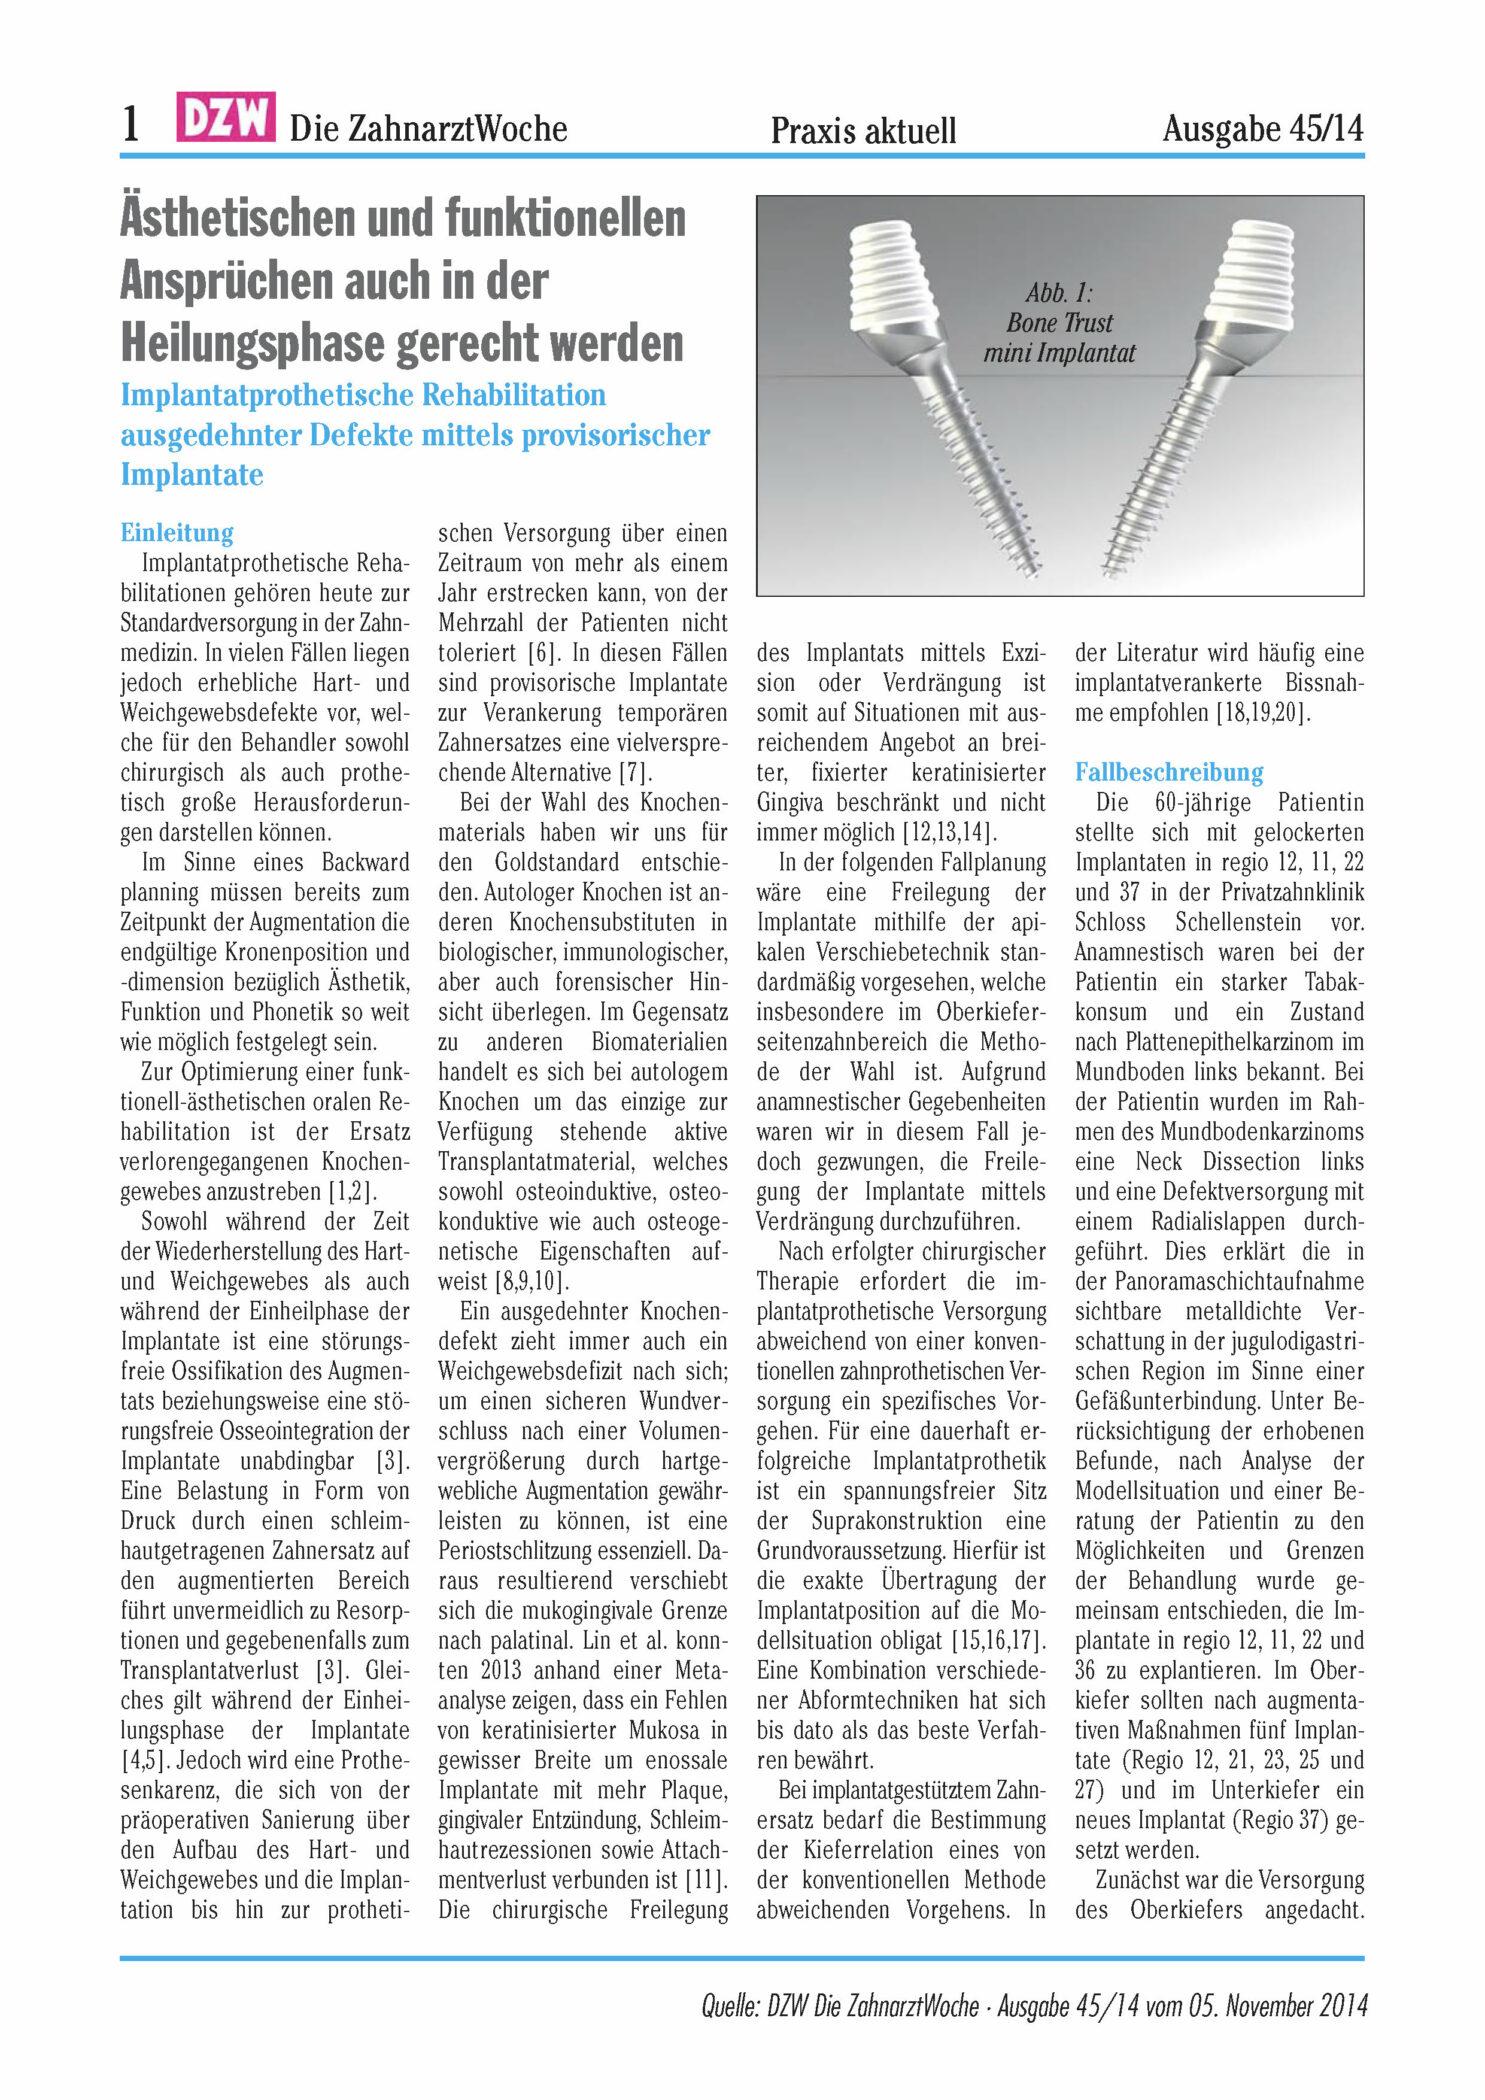 Implantatprothetische Rehabilitation Ausgedehnter Defekte Mittels Provisorischer Implantate